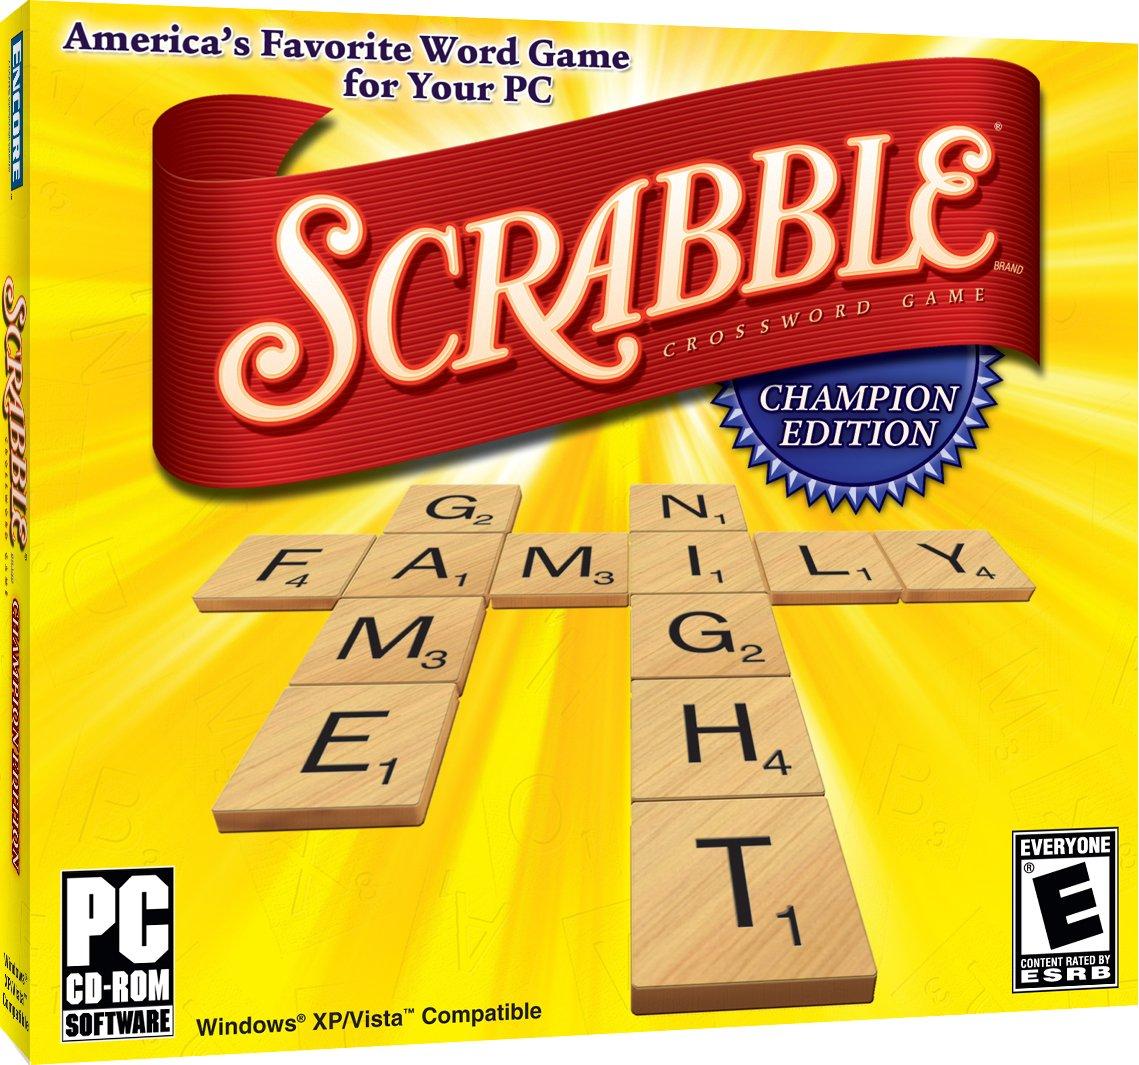 Scrabble Champion Edition